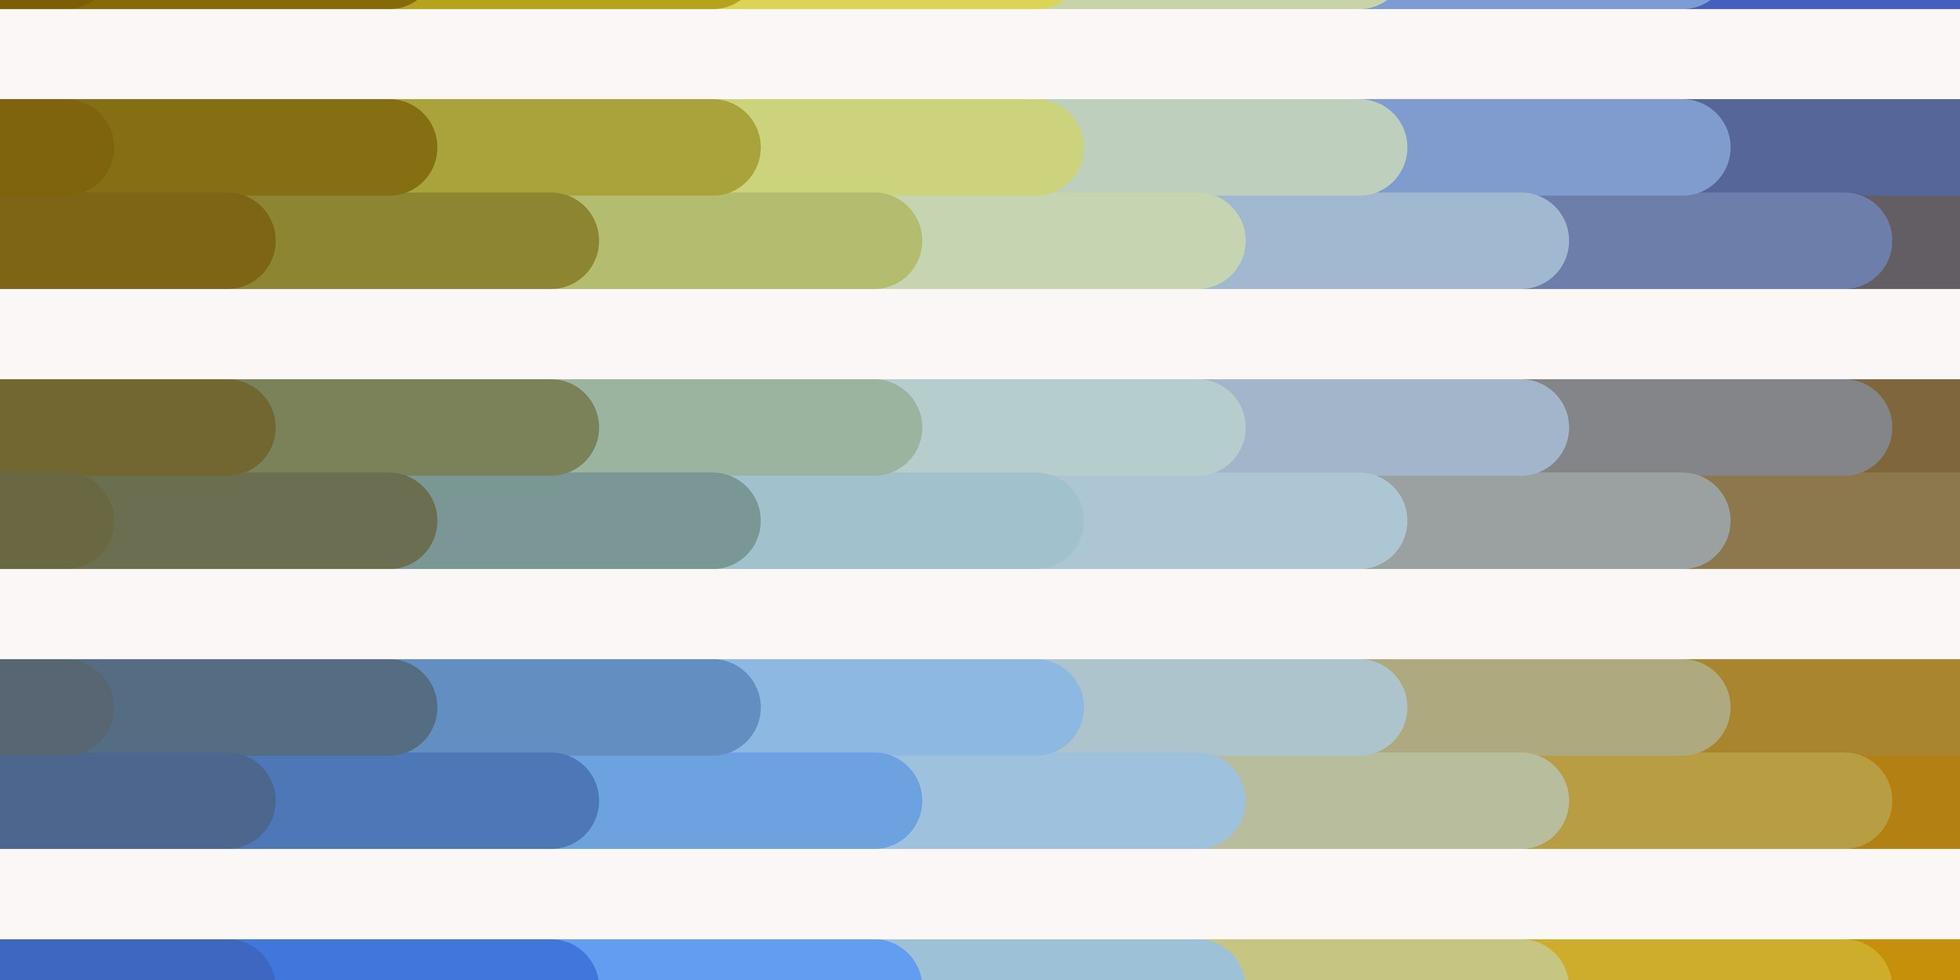 modèle vectoriel bleu clair, jaune avec des lignes.